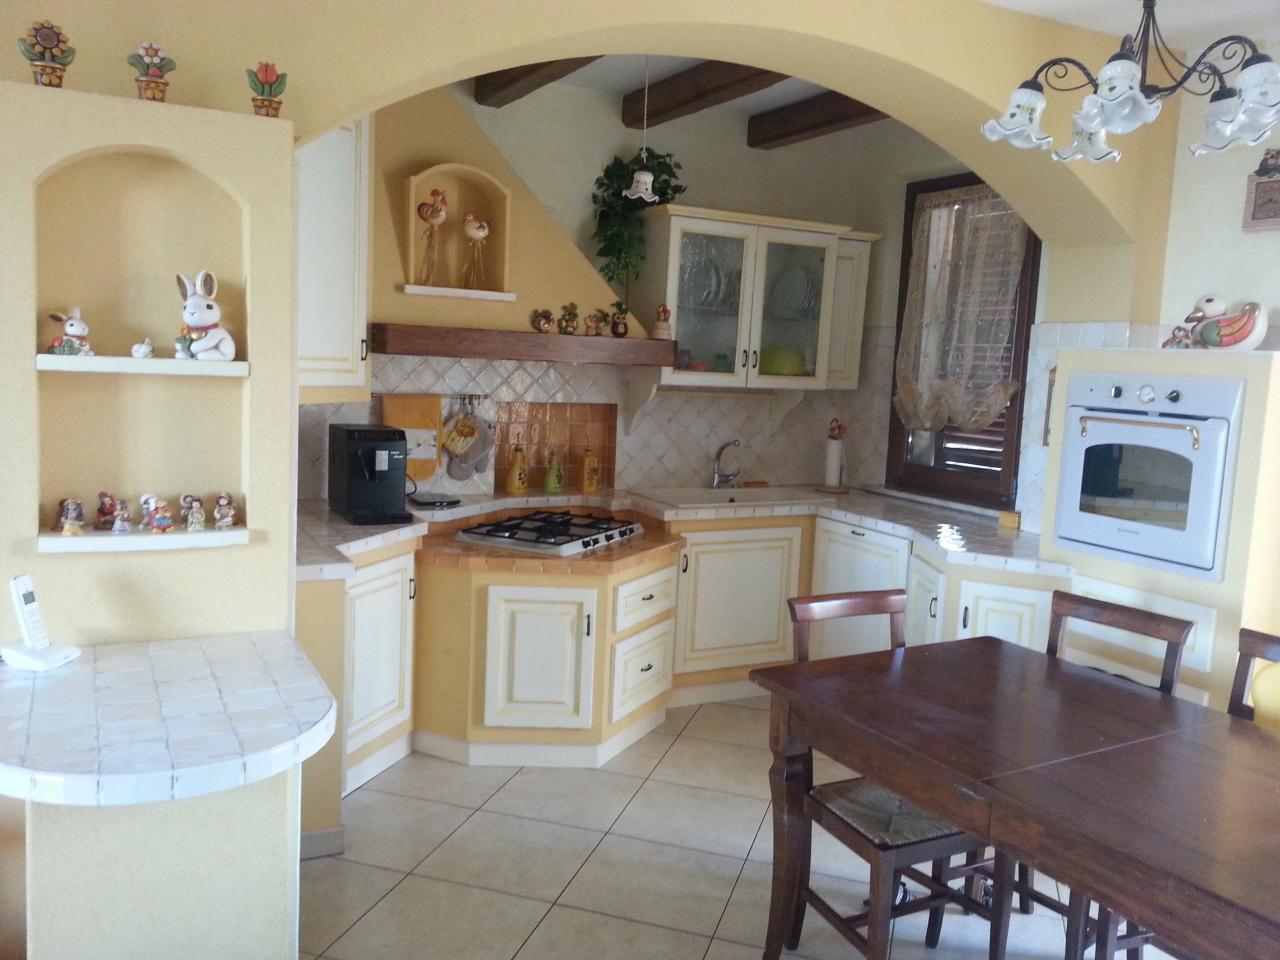 Appartamento in vendita a Santa Maria Nuova, 9999 locali, prezzo € 125.000 | CambioCasa.it